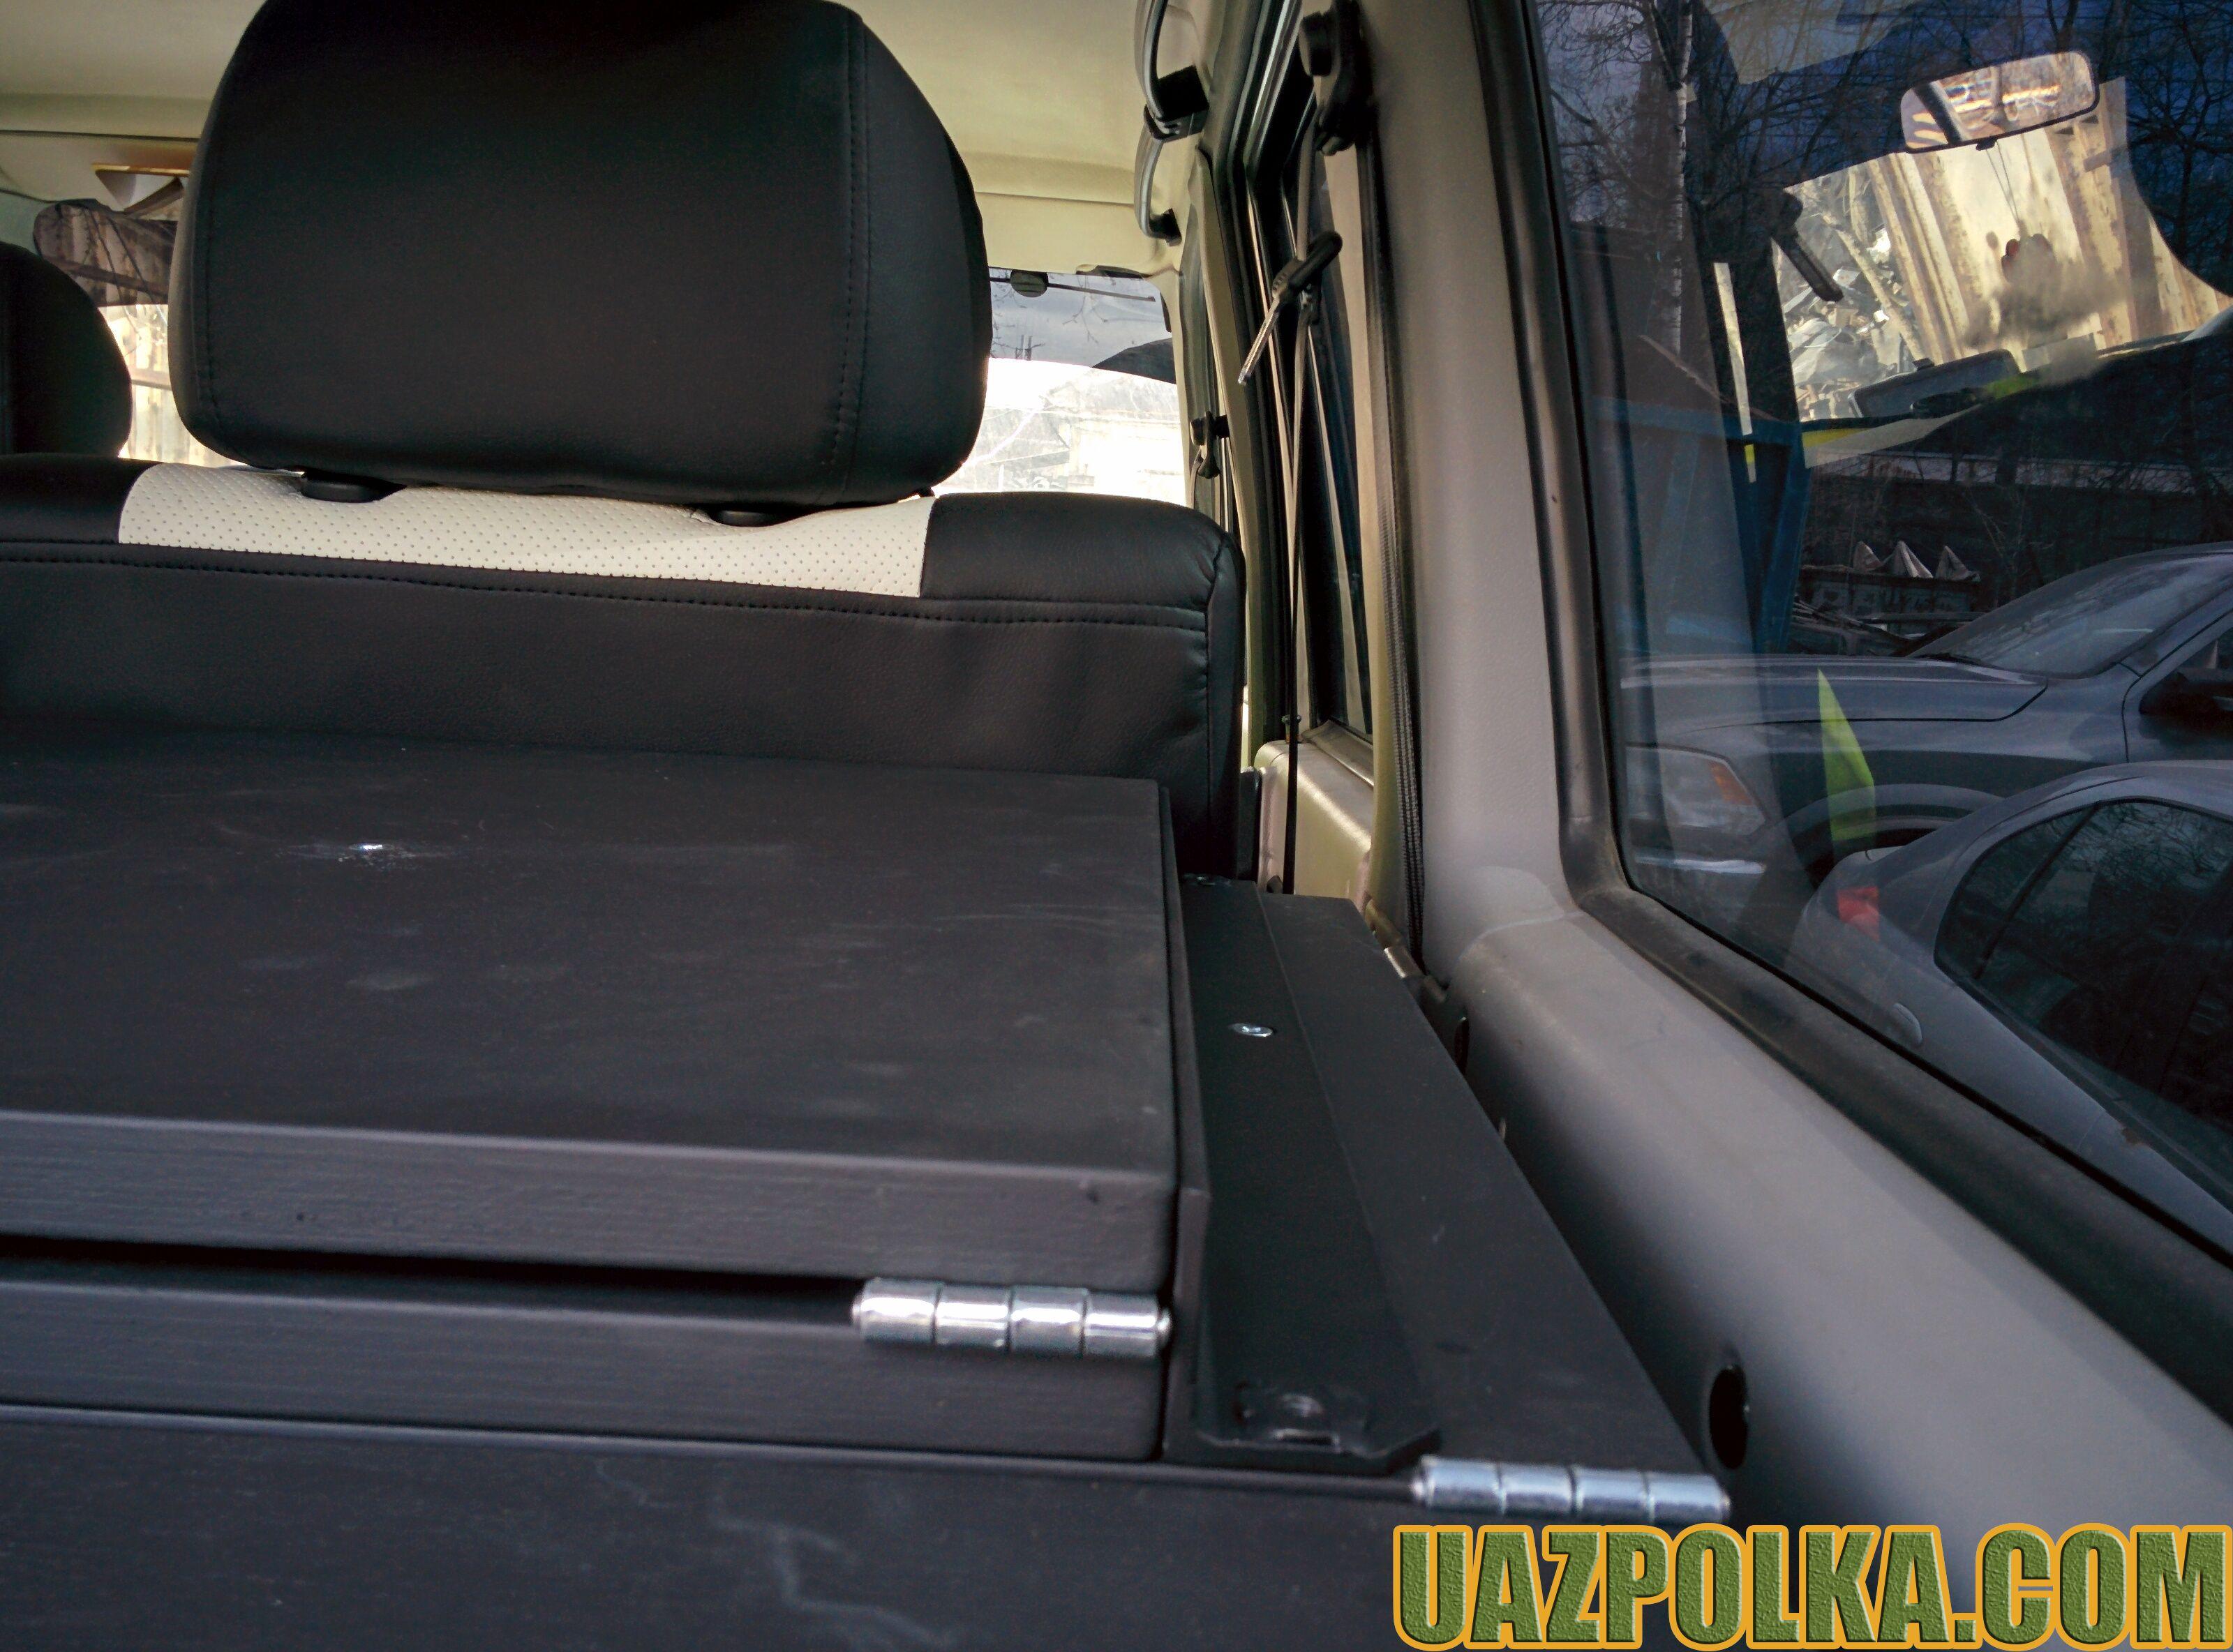 Полка Эконом New с лежанкой на ящиках стороннего производителя_20